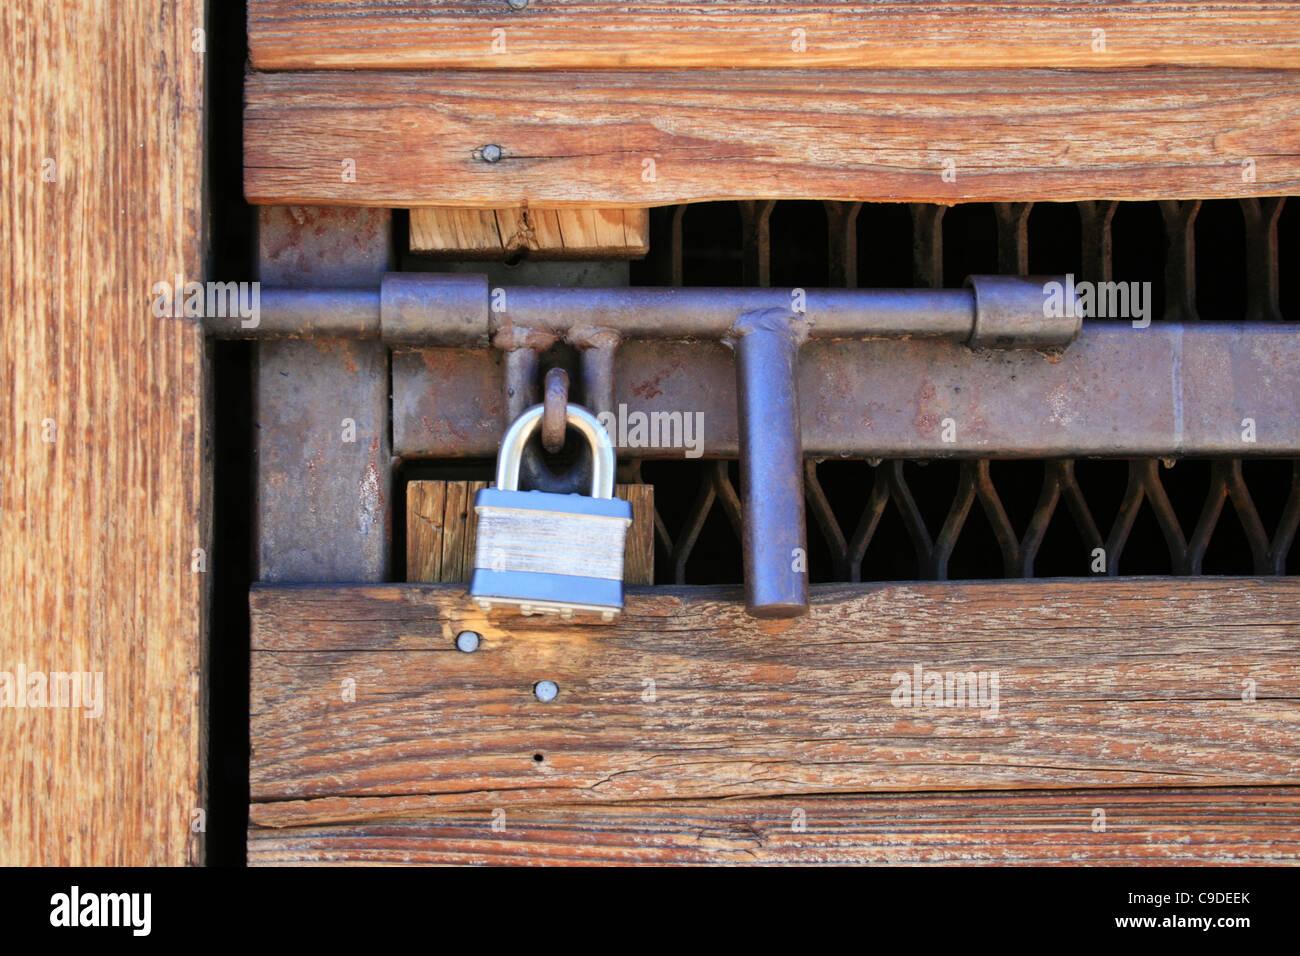 padlocked wood and metal door with heavy duty hasp - Stock Image & Door Hasp Stock Photos u0026 Door Hasp Stock Images - Alamy